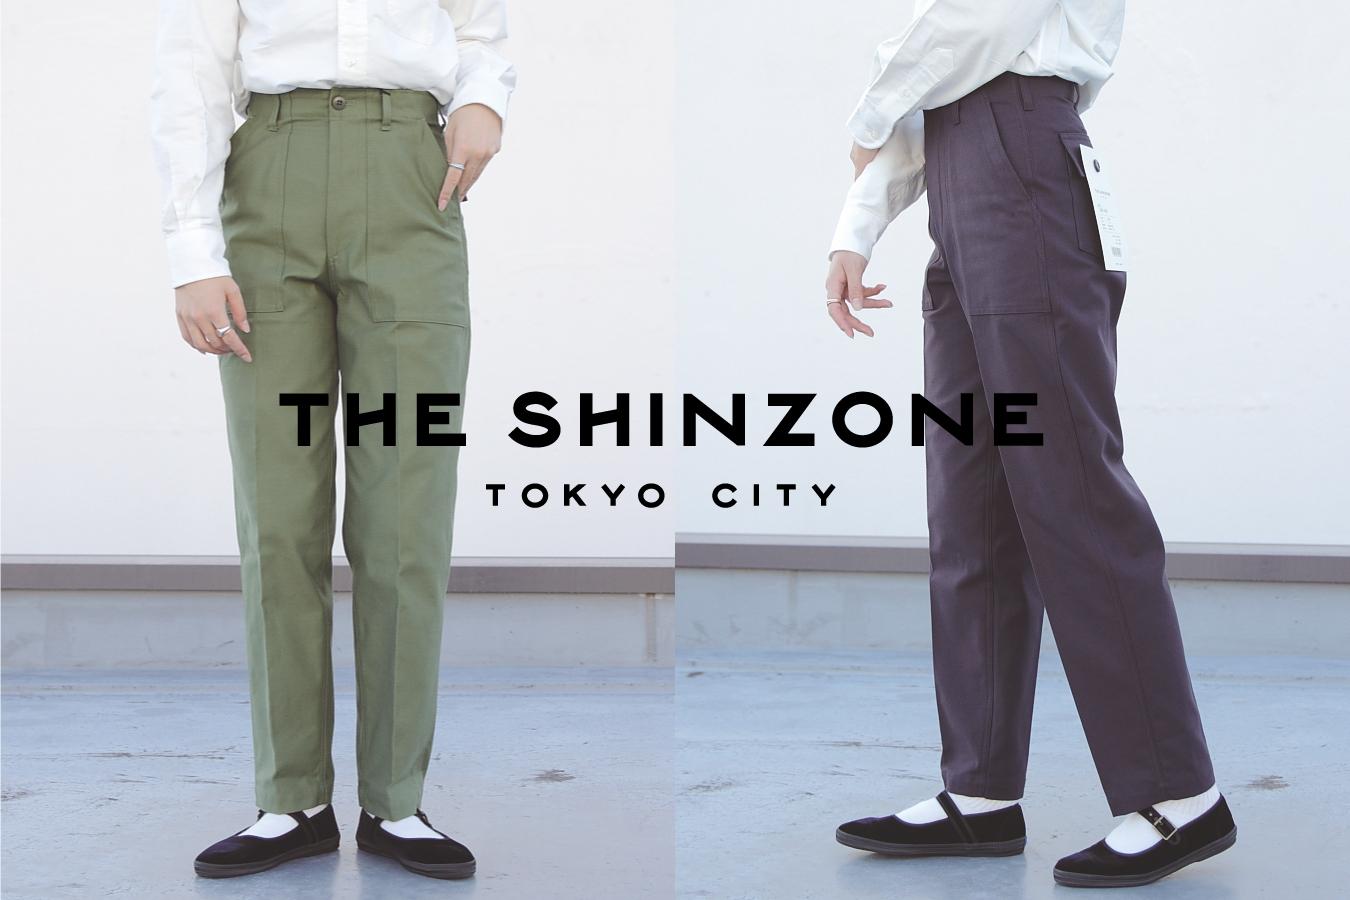 """【おすすめ】THE SHINZONE/ベーカーパンツ """"上品カジュアルコーデ""""にオススメ。"""